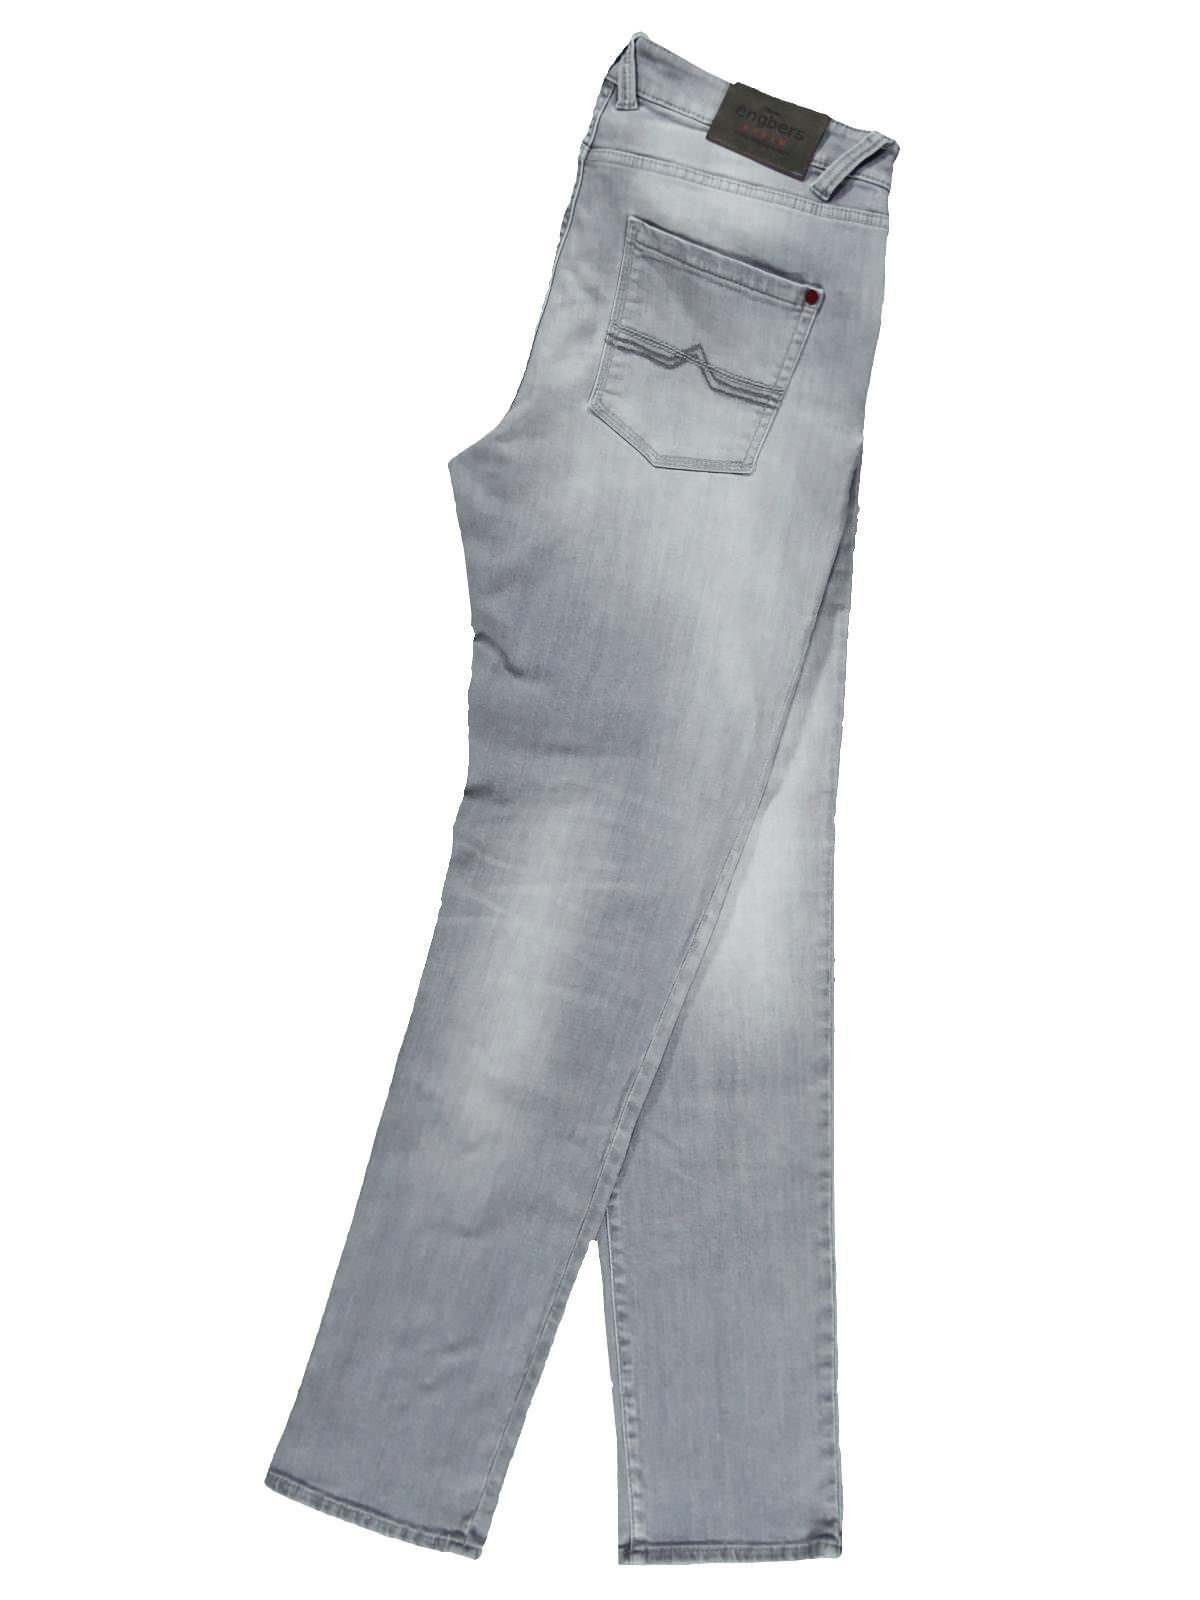 Jeans Engbers Online Engbers Highstrech Highstrech Kaufen Online Kaufen Jeans vNn0w8m